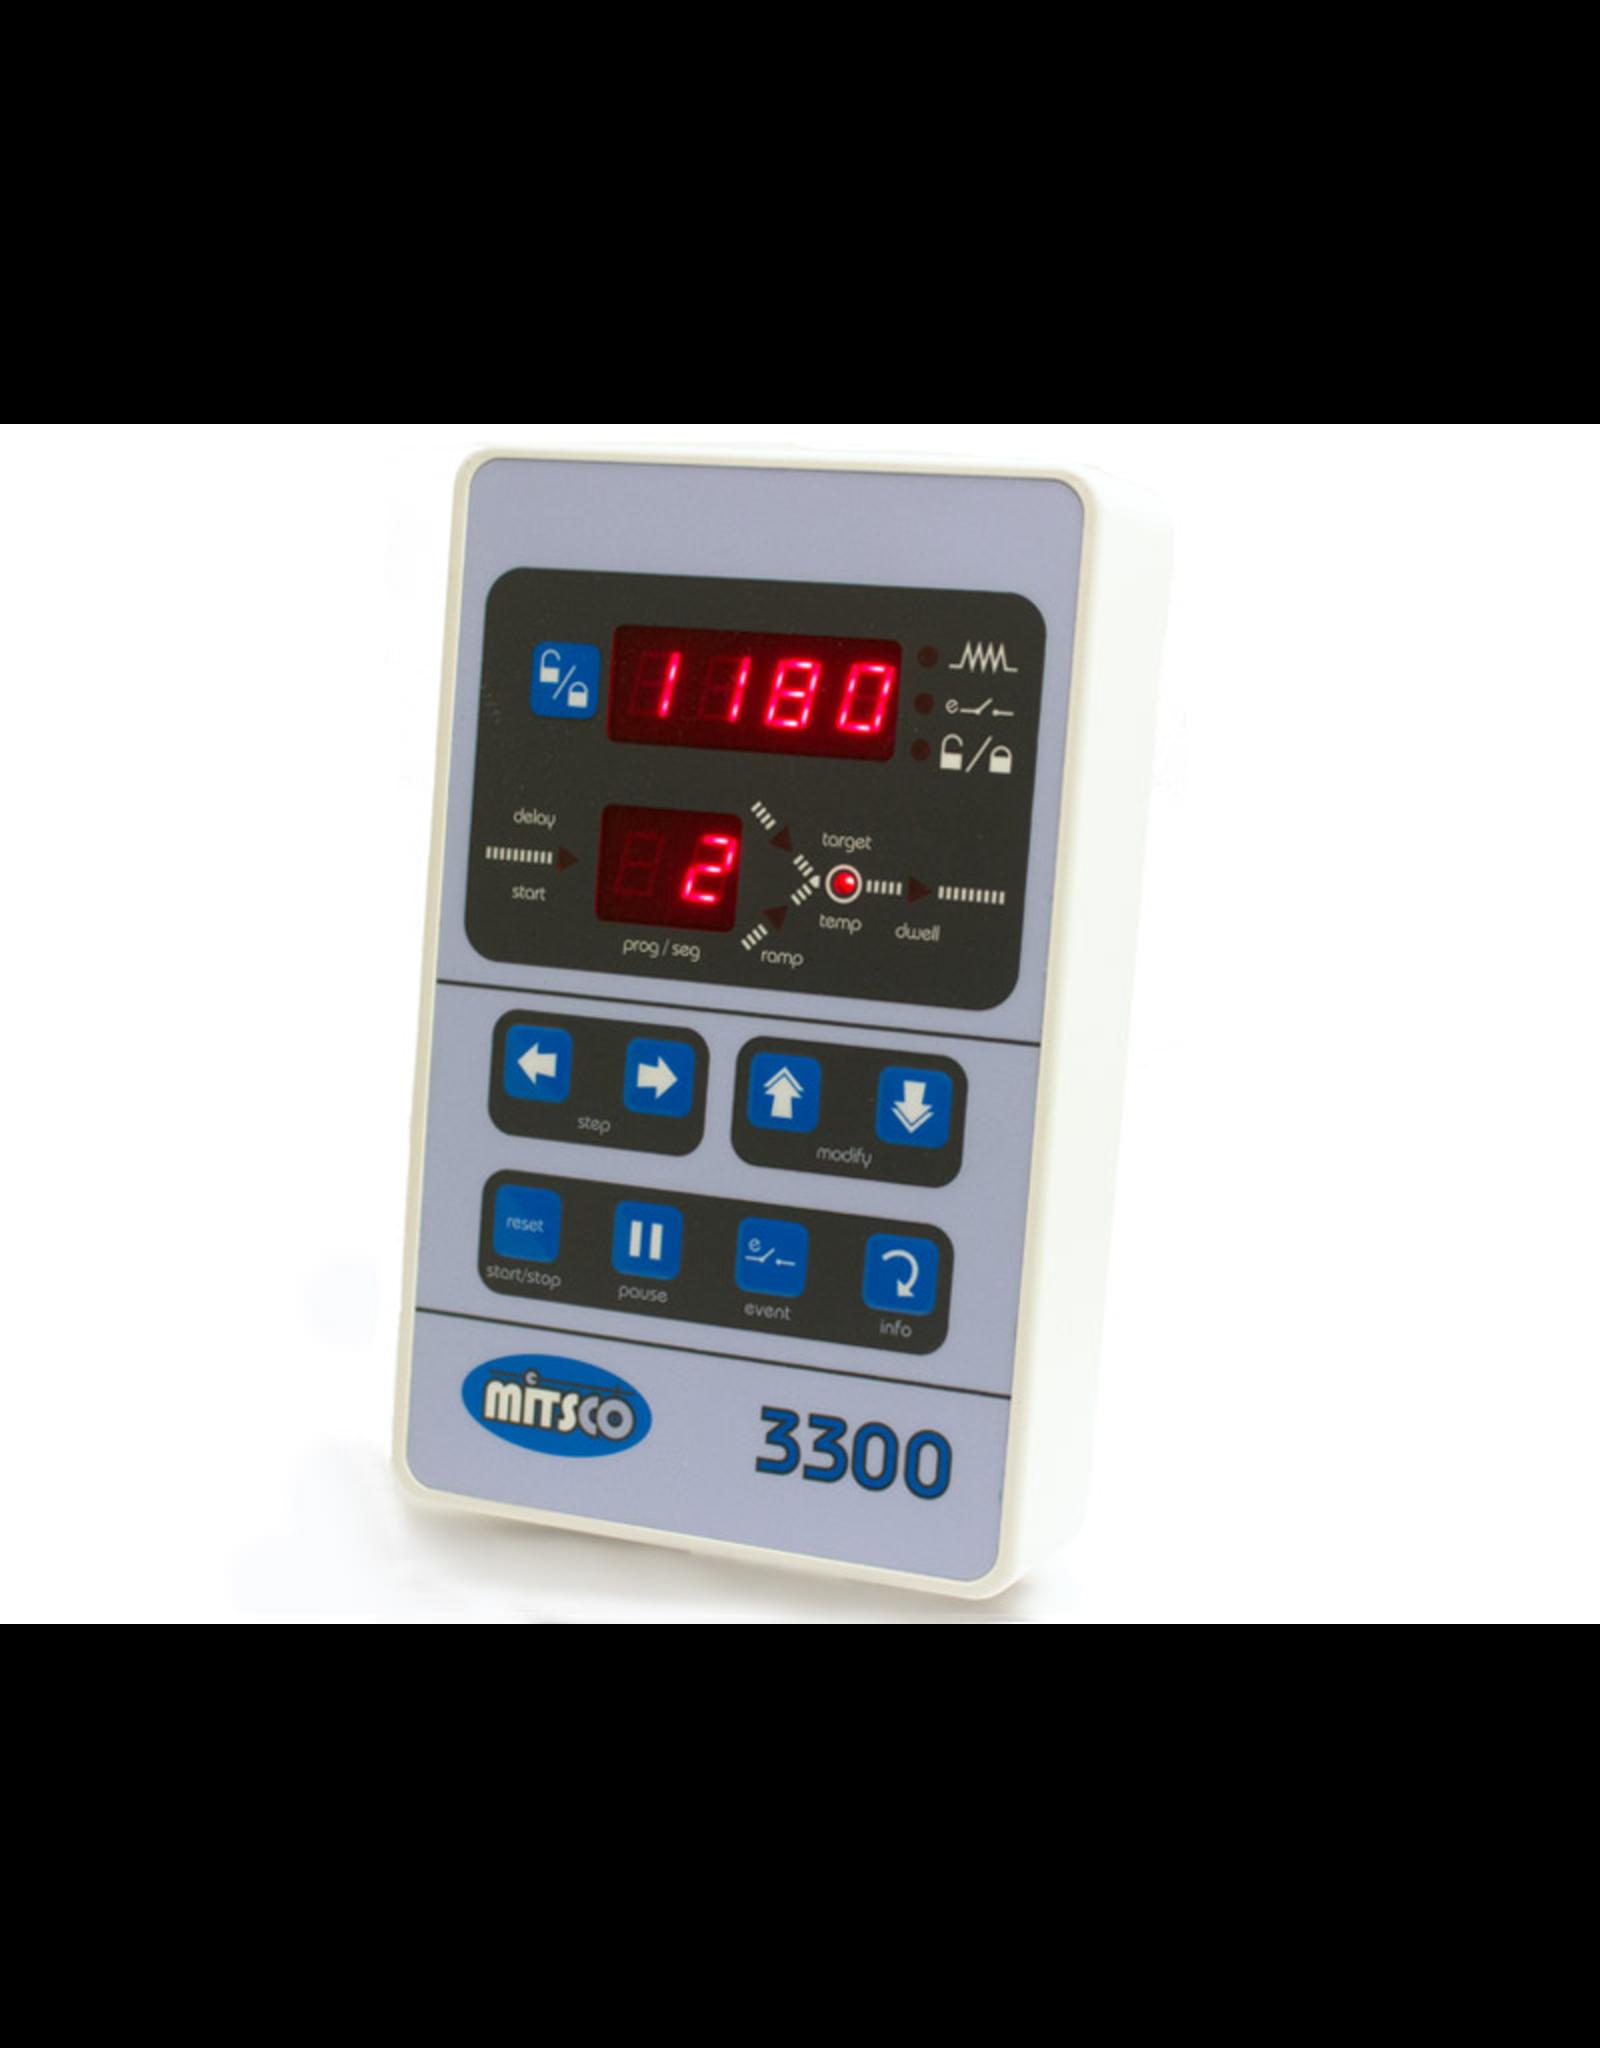 Mitsco Mitsco 3300/1 controller